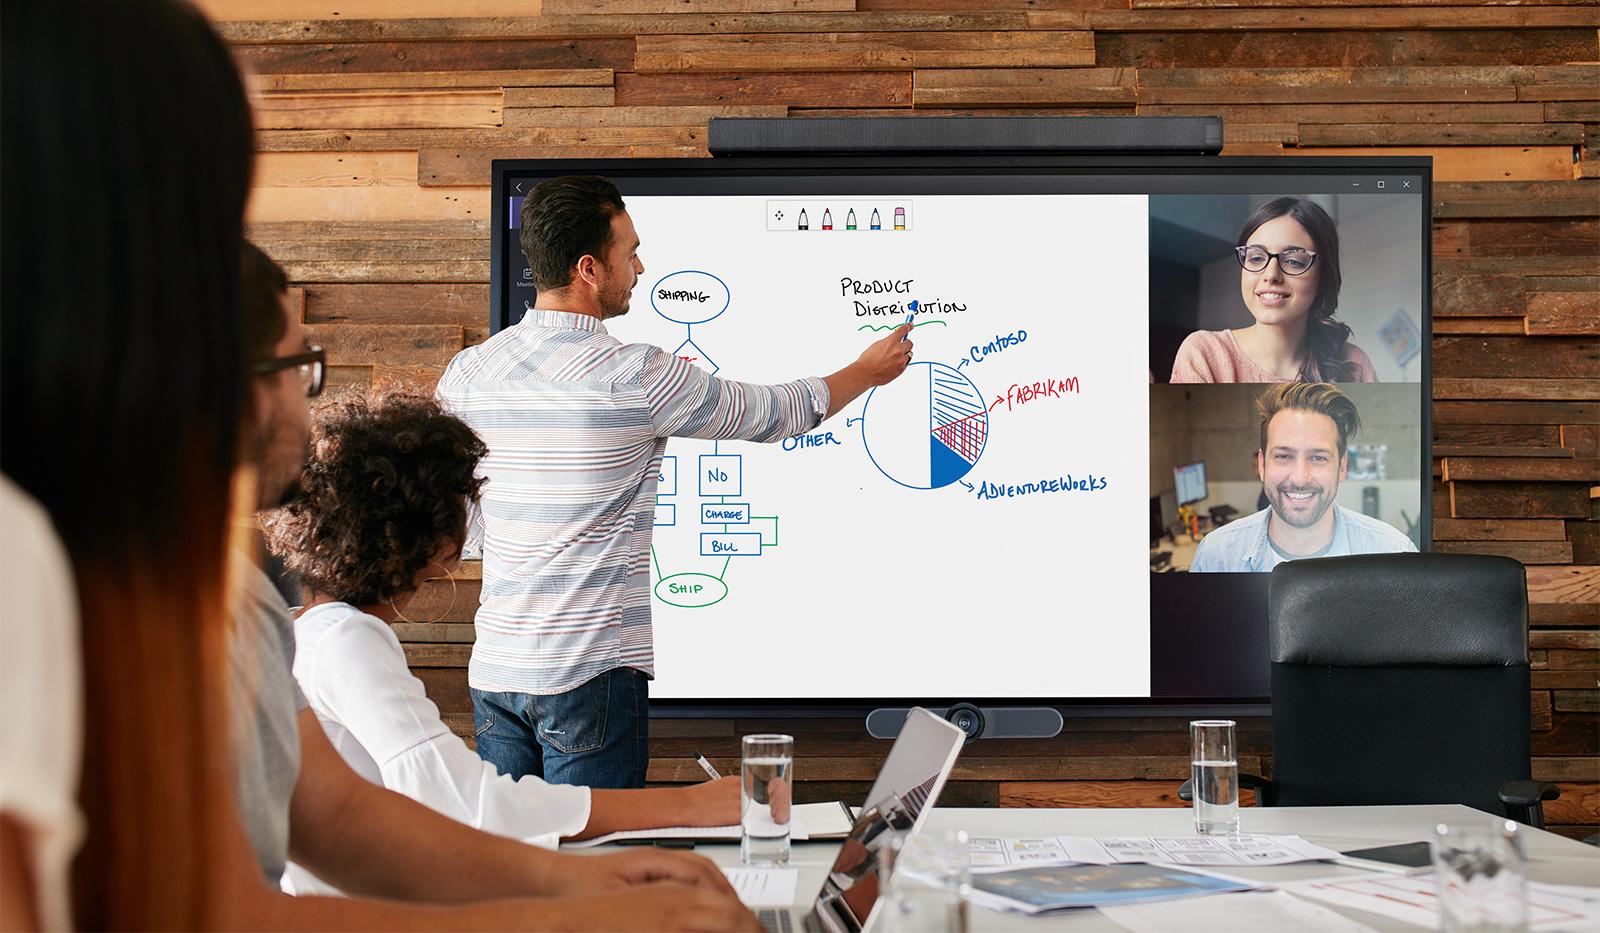 Erfolgreich Präsentieren dank Videotelefonie und interaktiver Präsentationstechnik